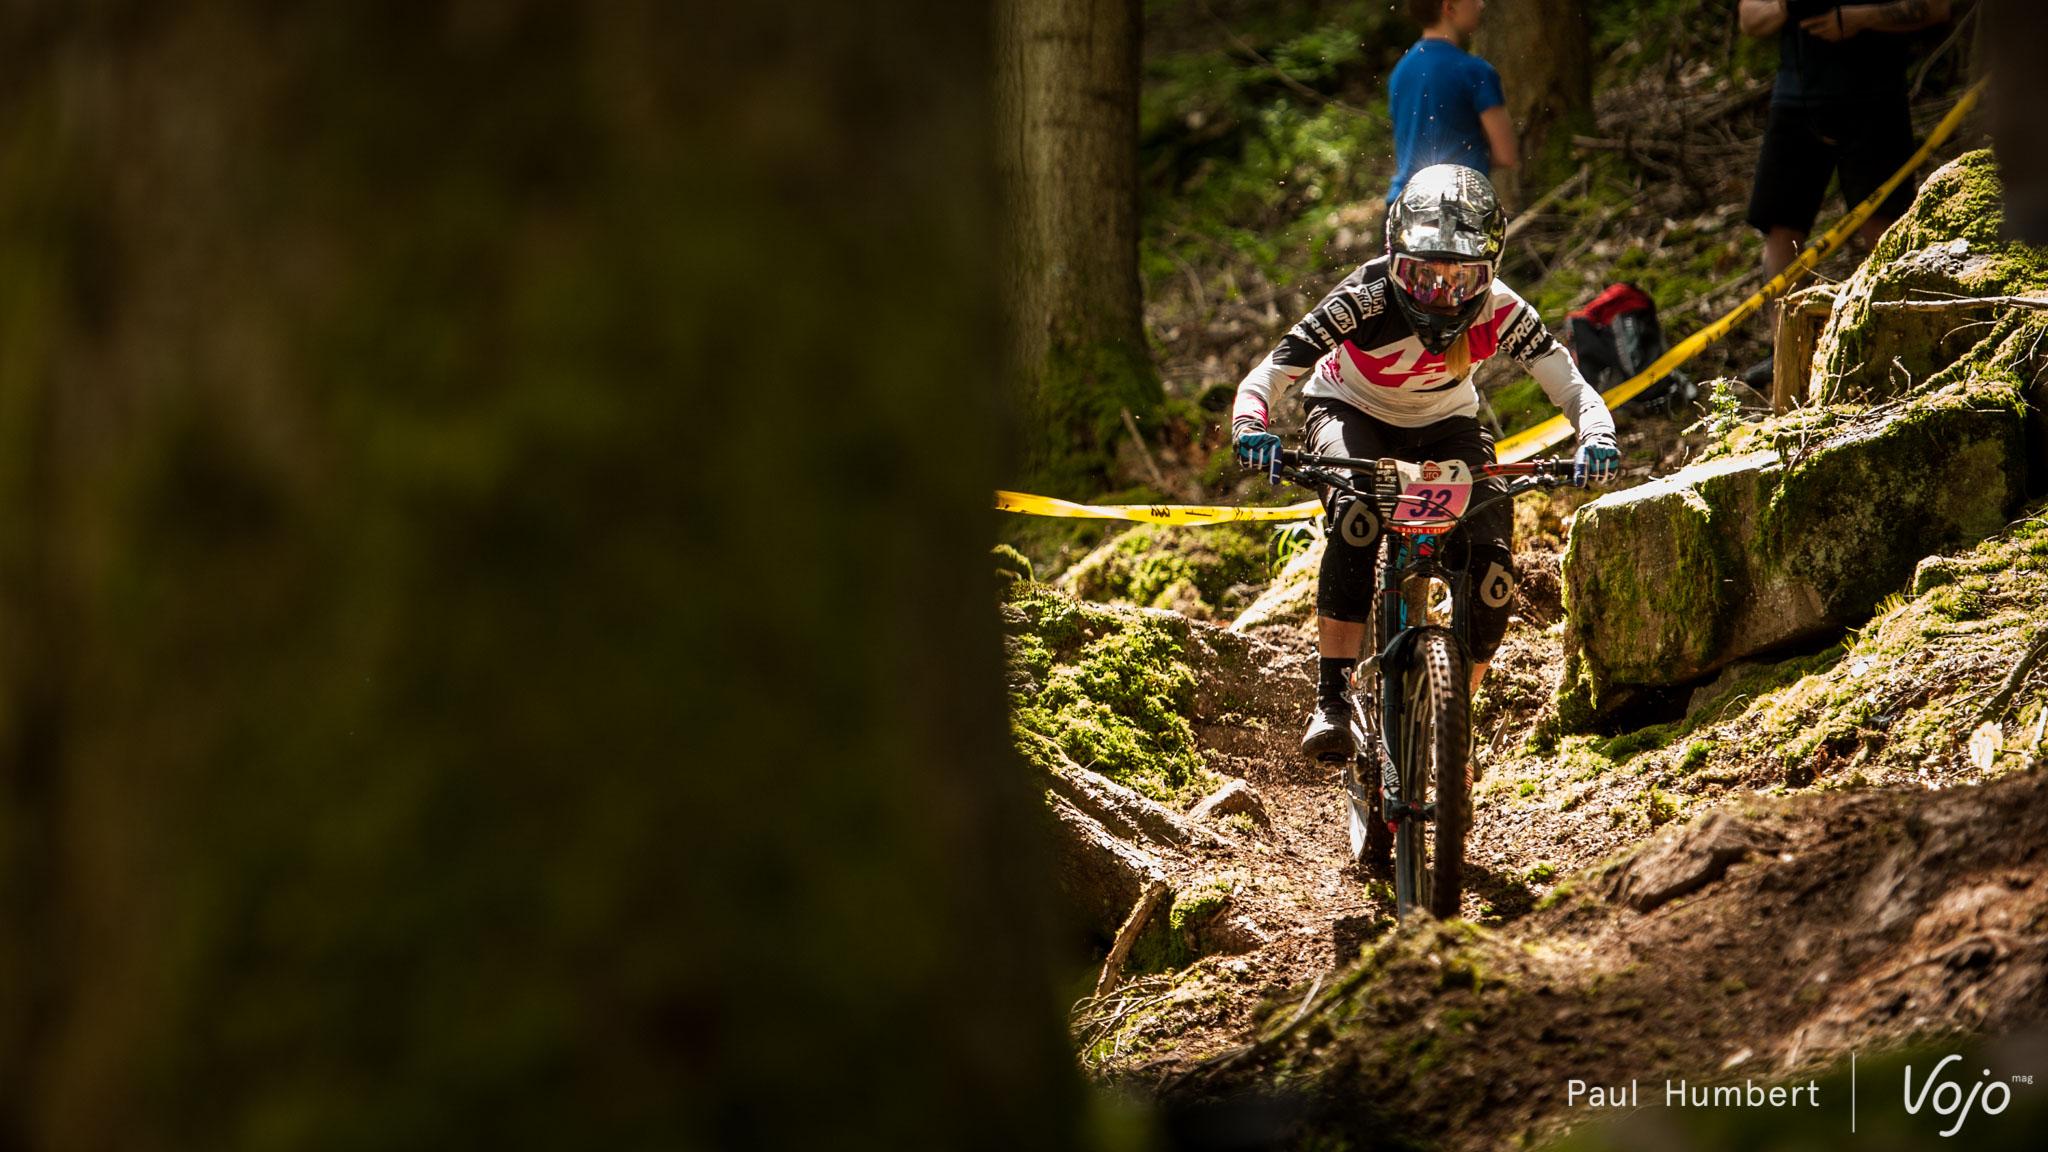 Raon-l-etape-vojo-2016-paul-humbert-53